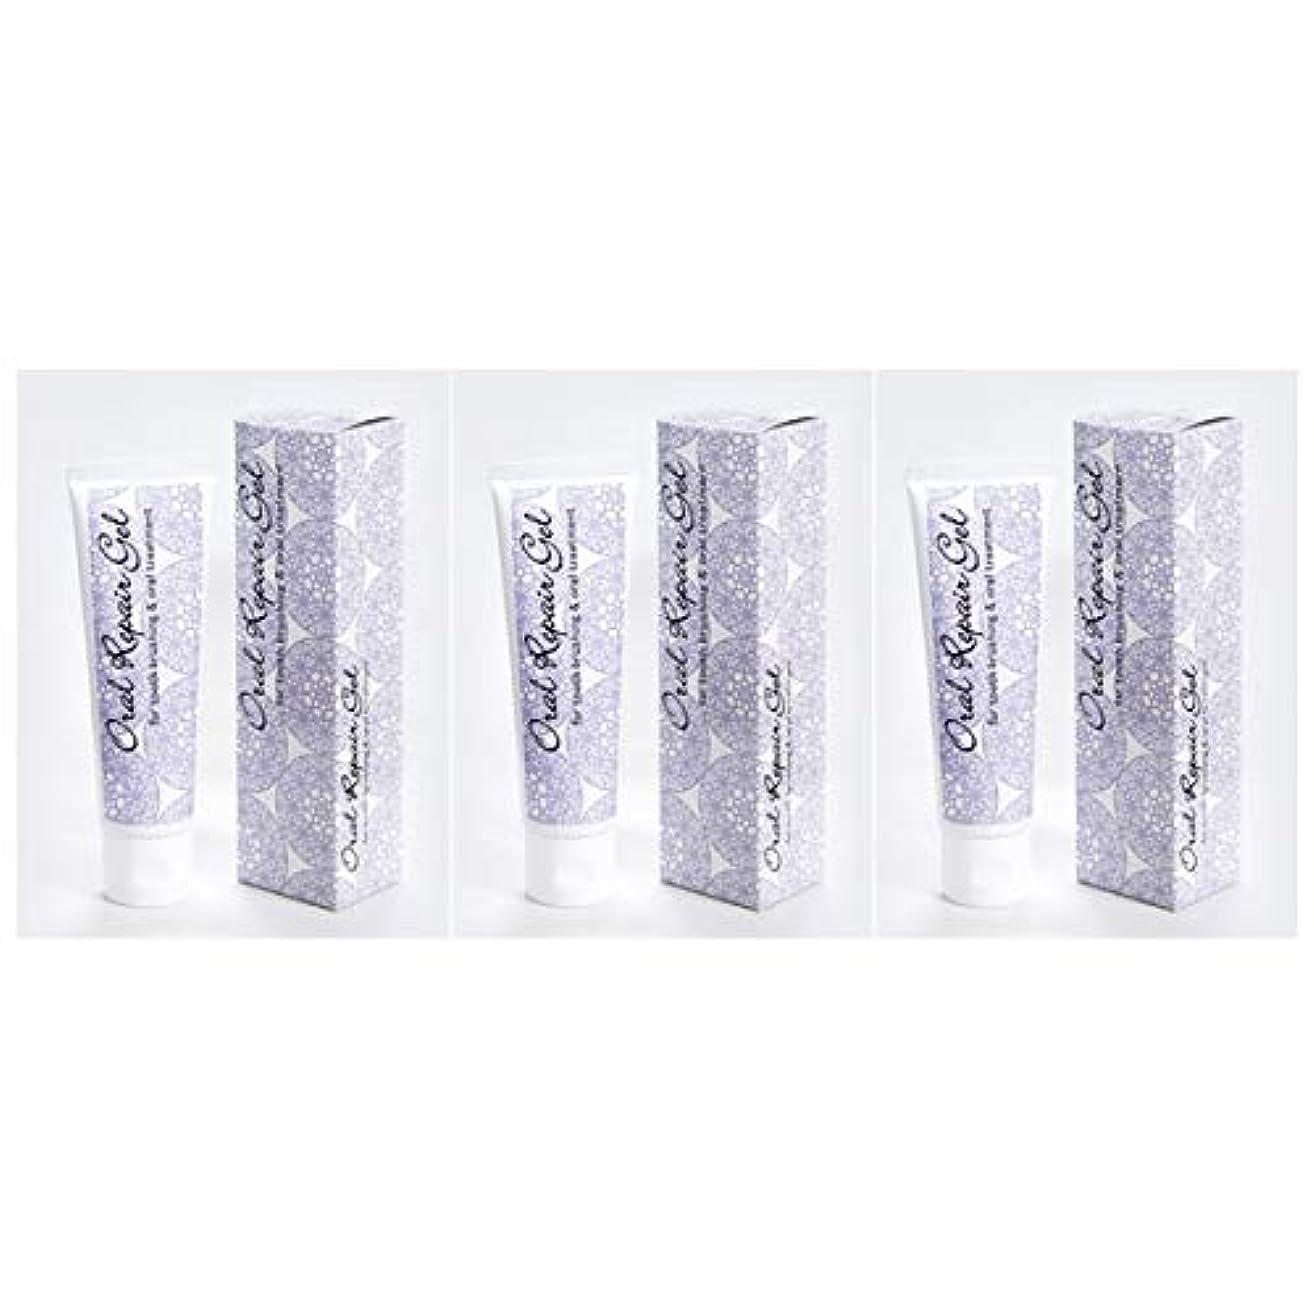 引き出しアーク穏やかなオーラルリペアジェル3個セット(80g×3個) 天然アパタイト+乳酸菌生産物質配合の無添加歯磨き剤